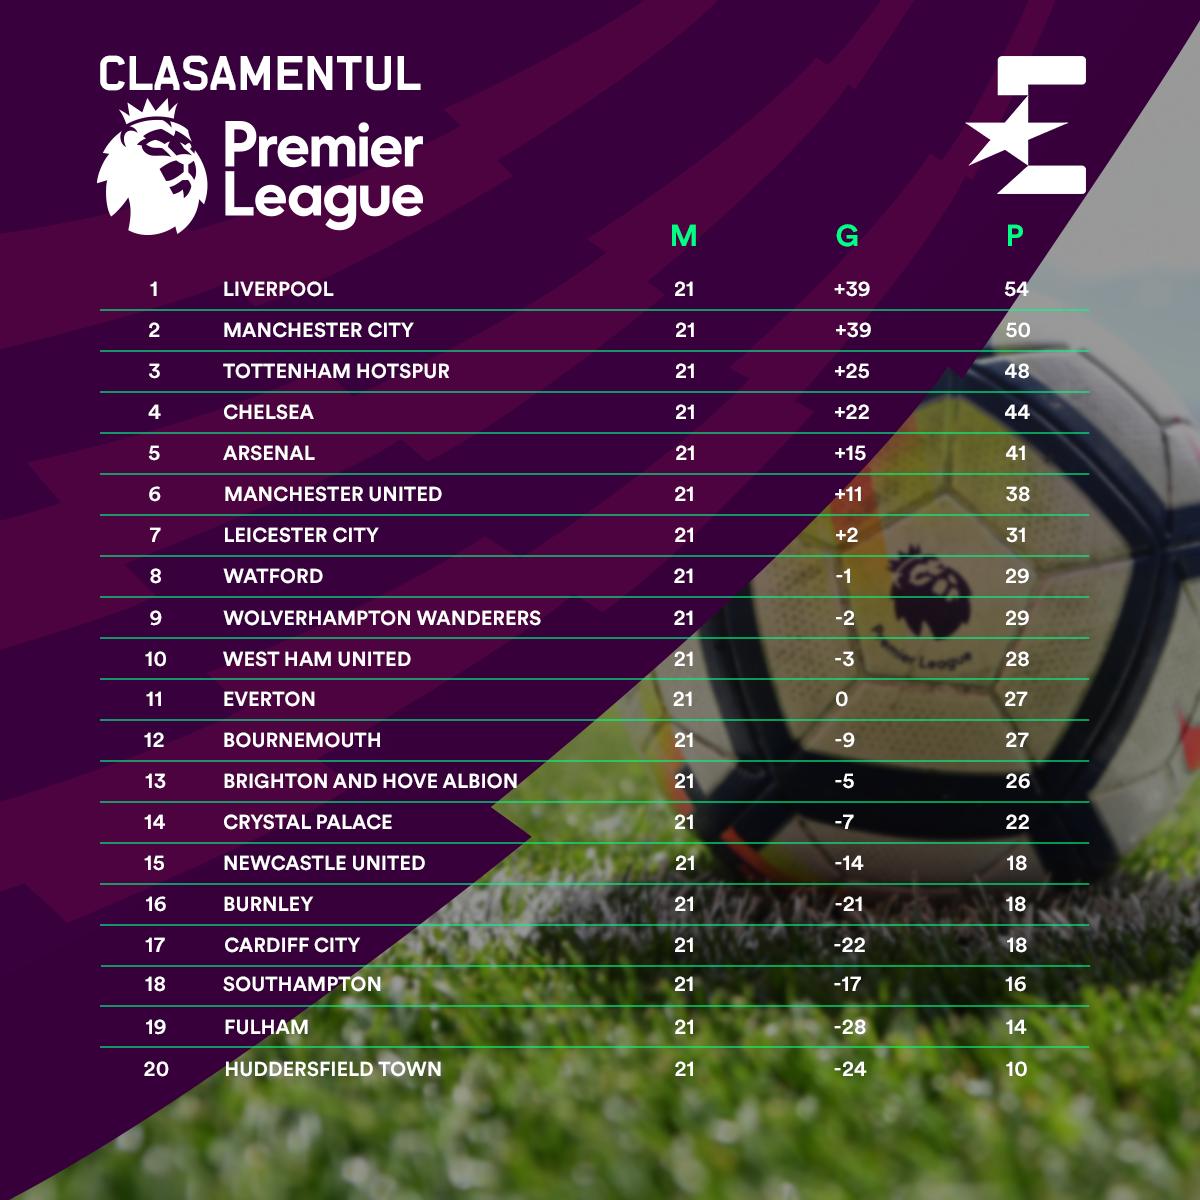 Premier League table after 21 rounds (2018-2019)